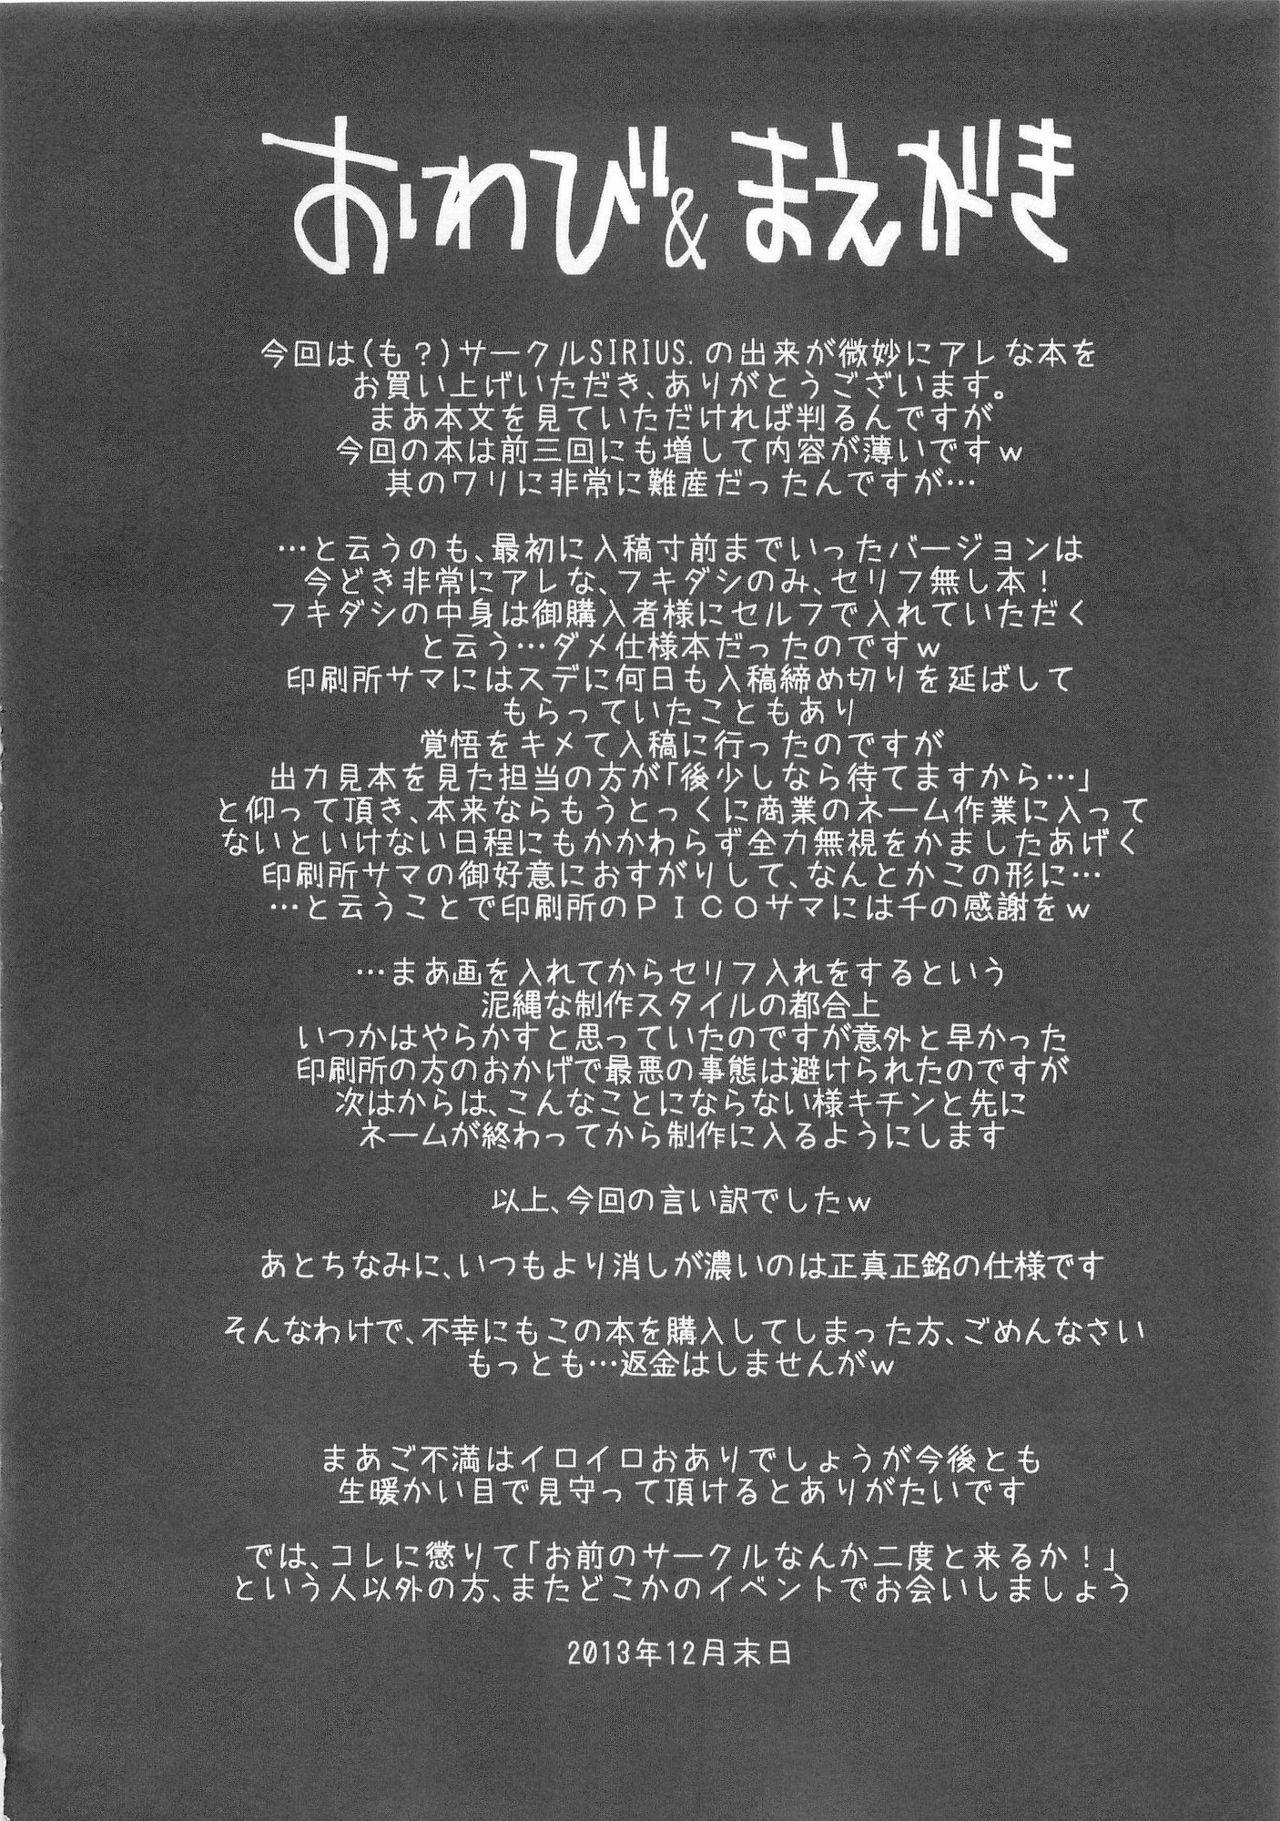 Kasumi-chan to Nobetumakunashi 5 3